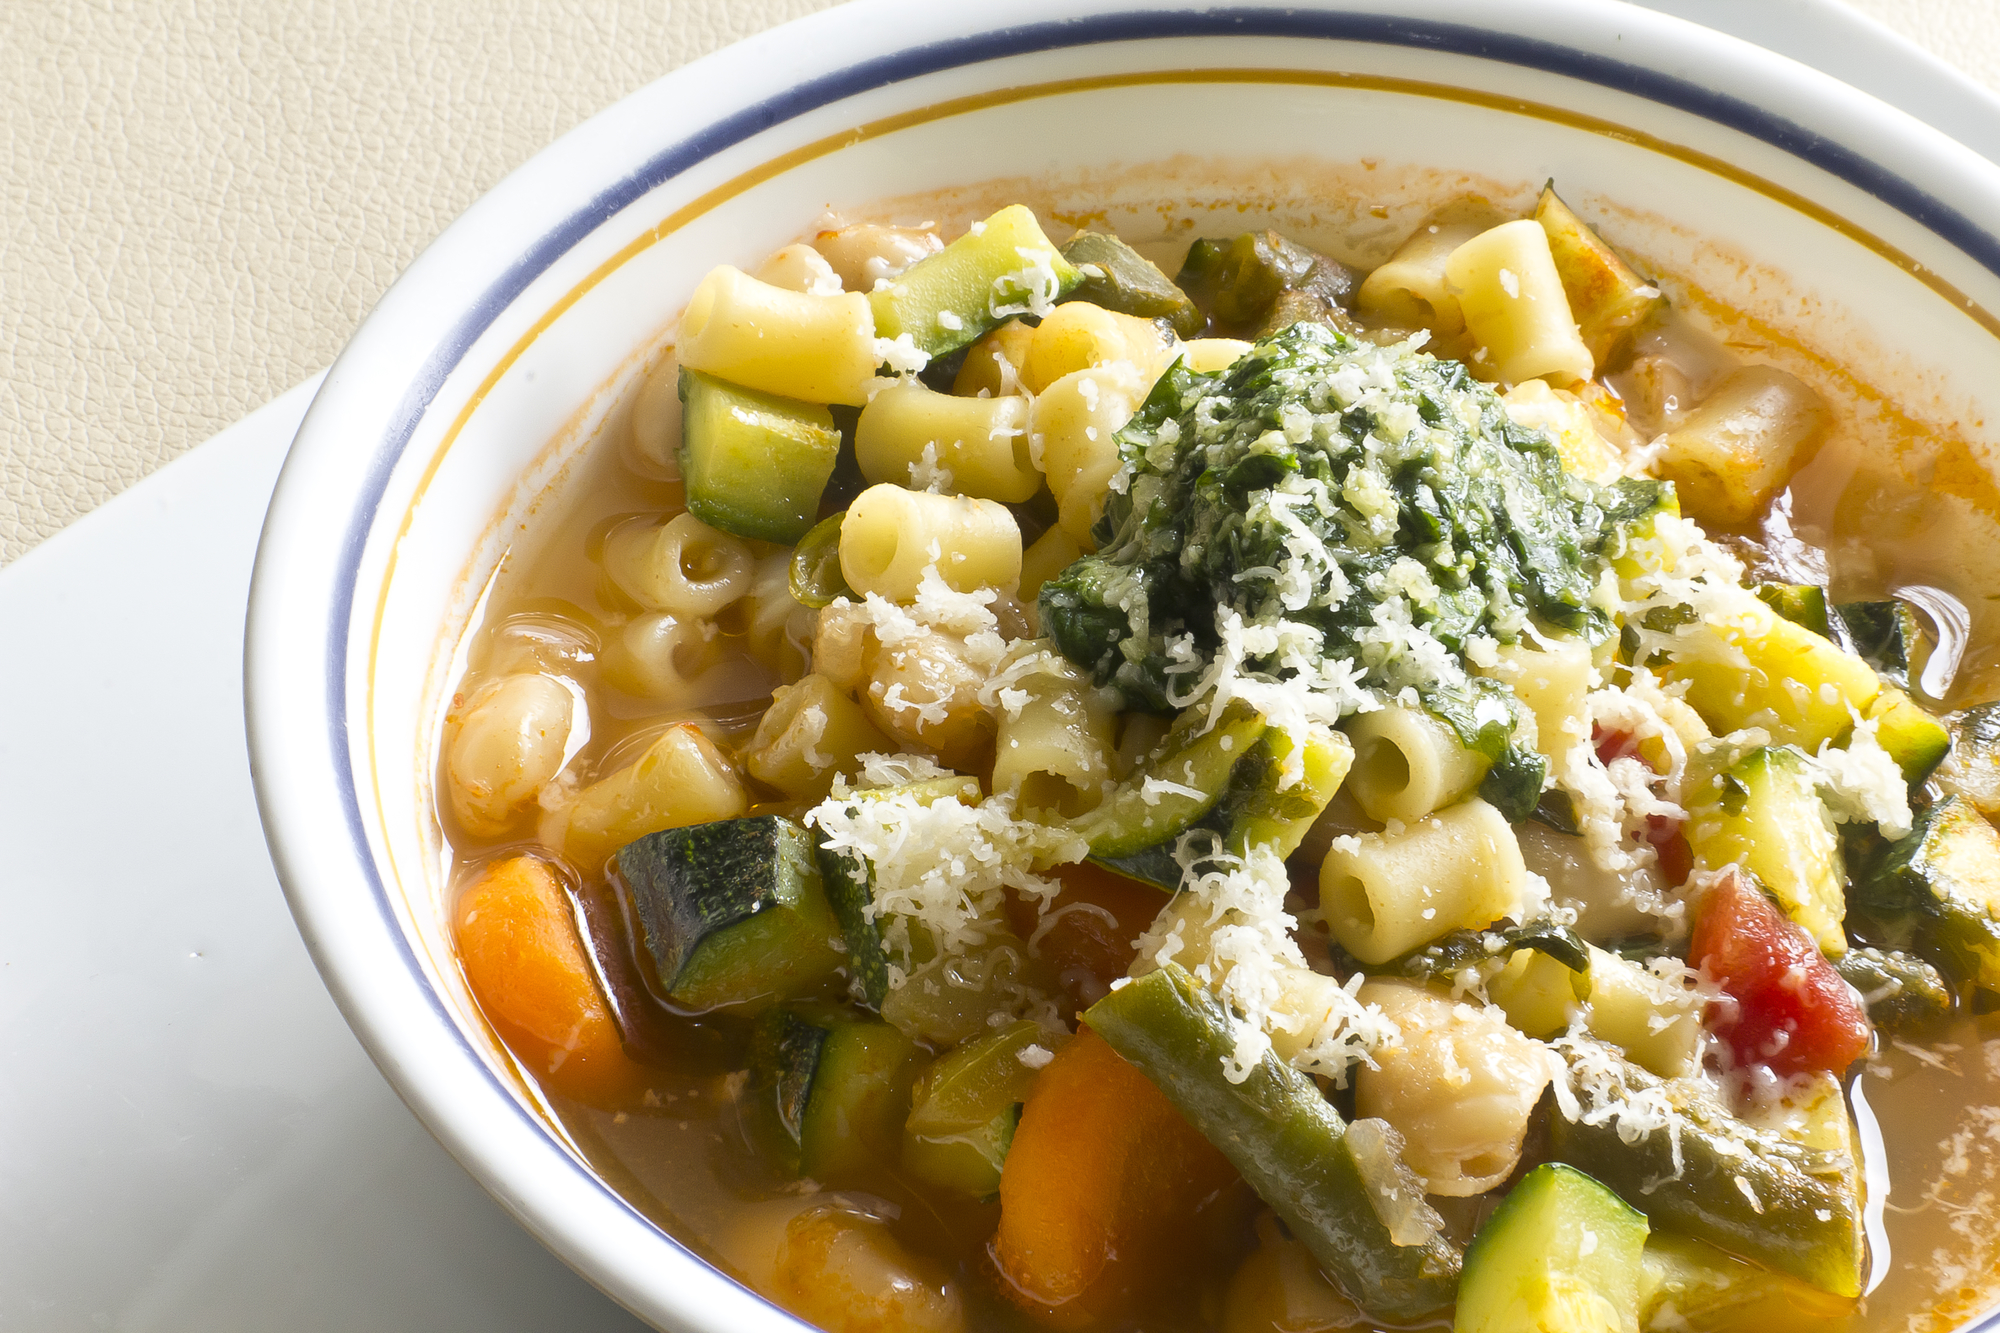 Рецепт на обед: сырный суп с замороженными овощами и грибами